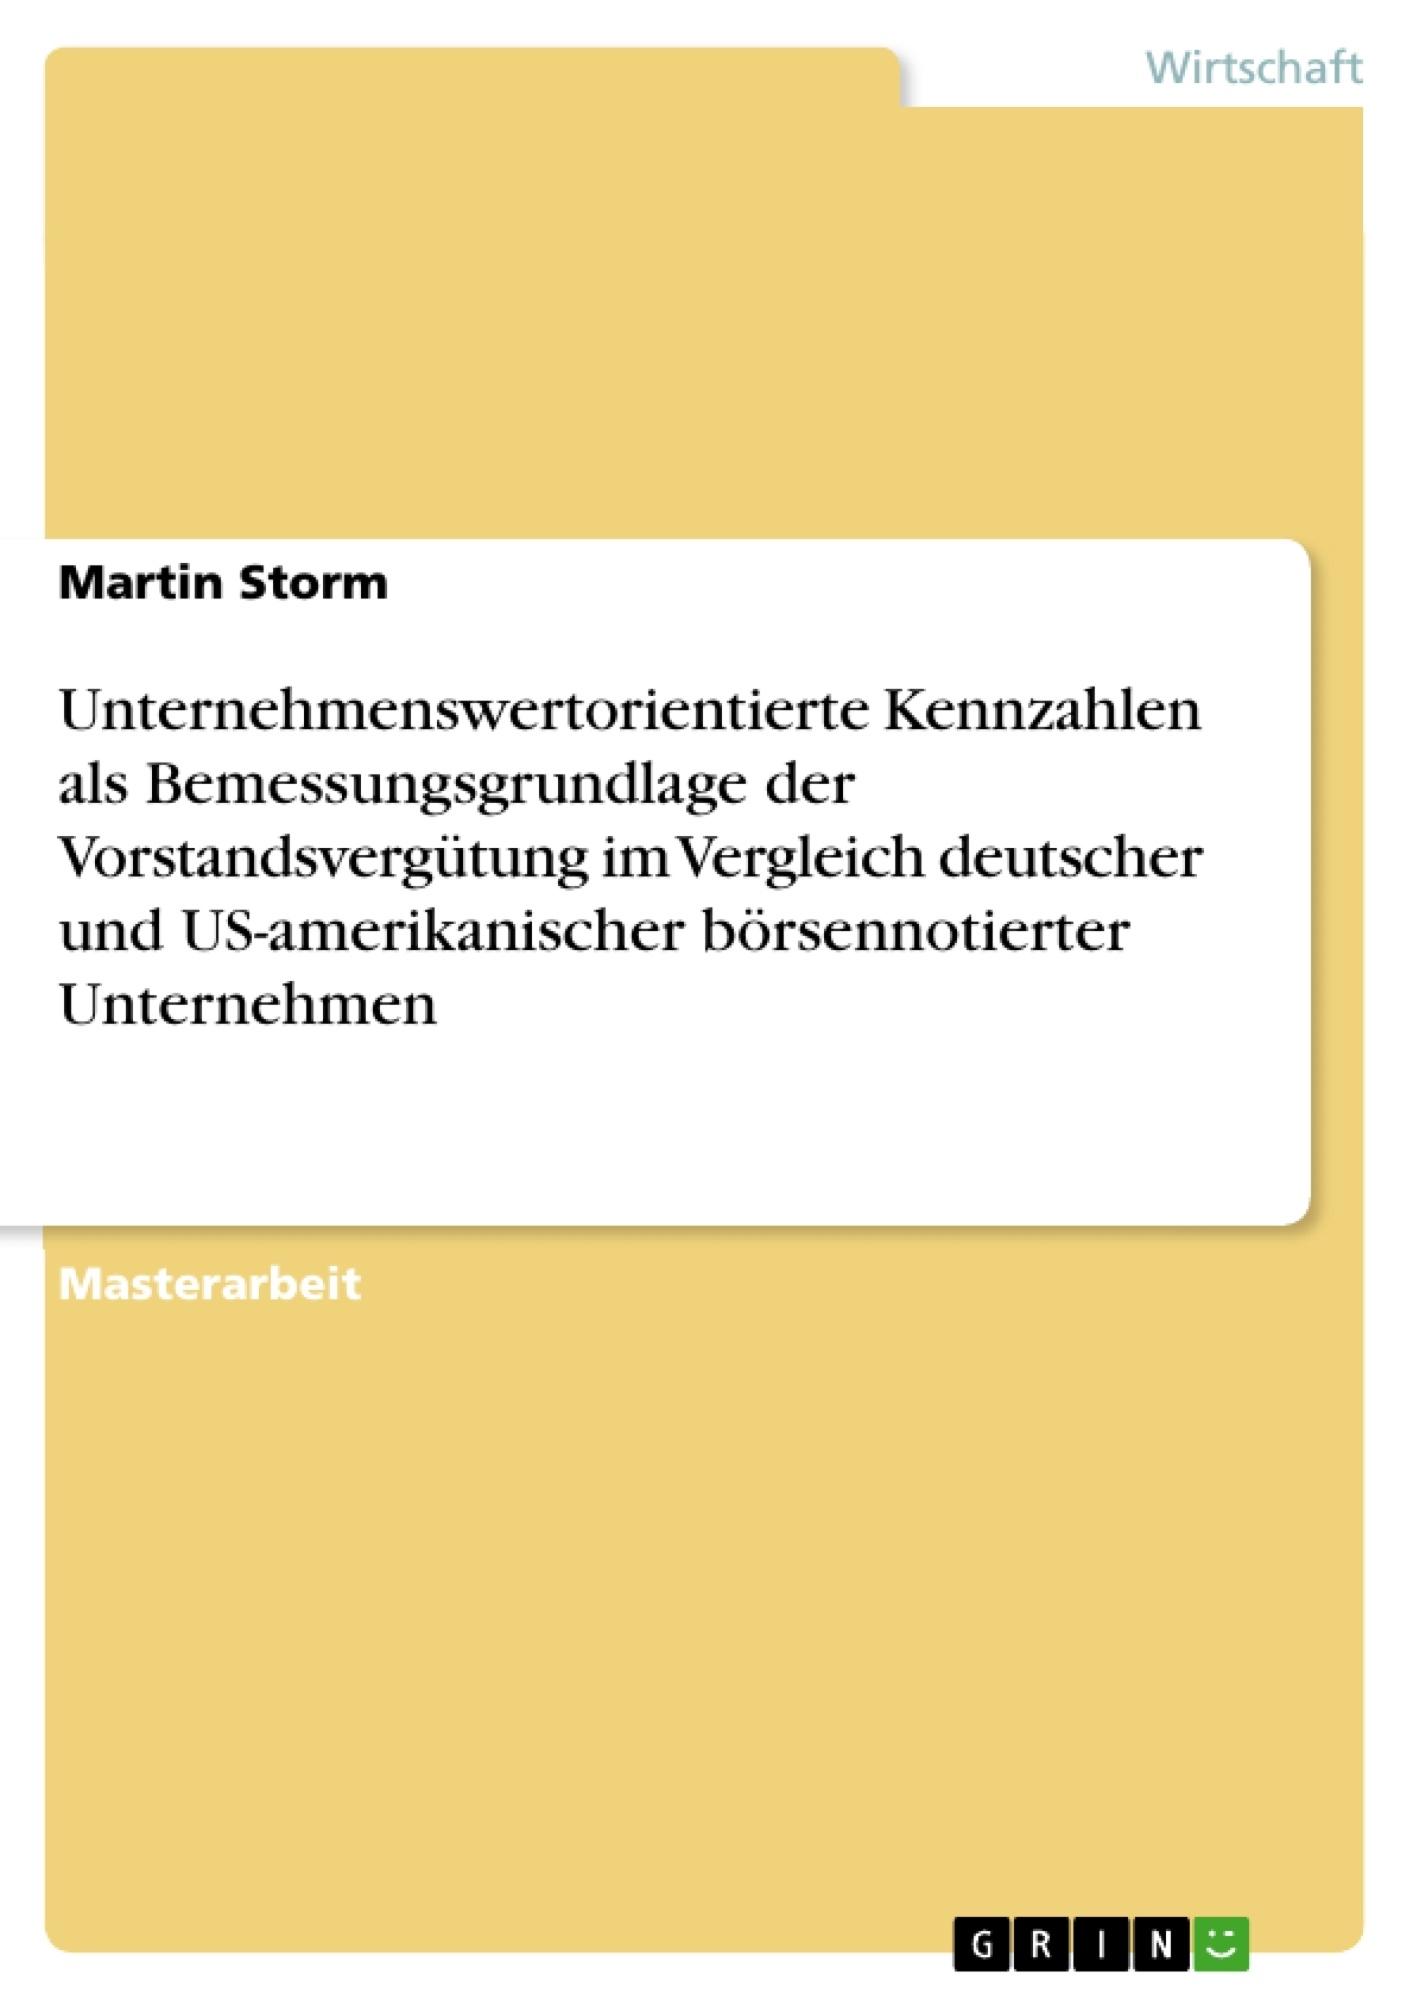 Titel: Unternehmenswertorientierte Kennzahlen als Bemessungsgrundlage der Vorstandsvergütung im Vergleich deutscher und US-amerikanischer börsennotierter Unternehmen